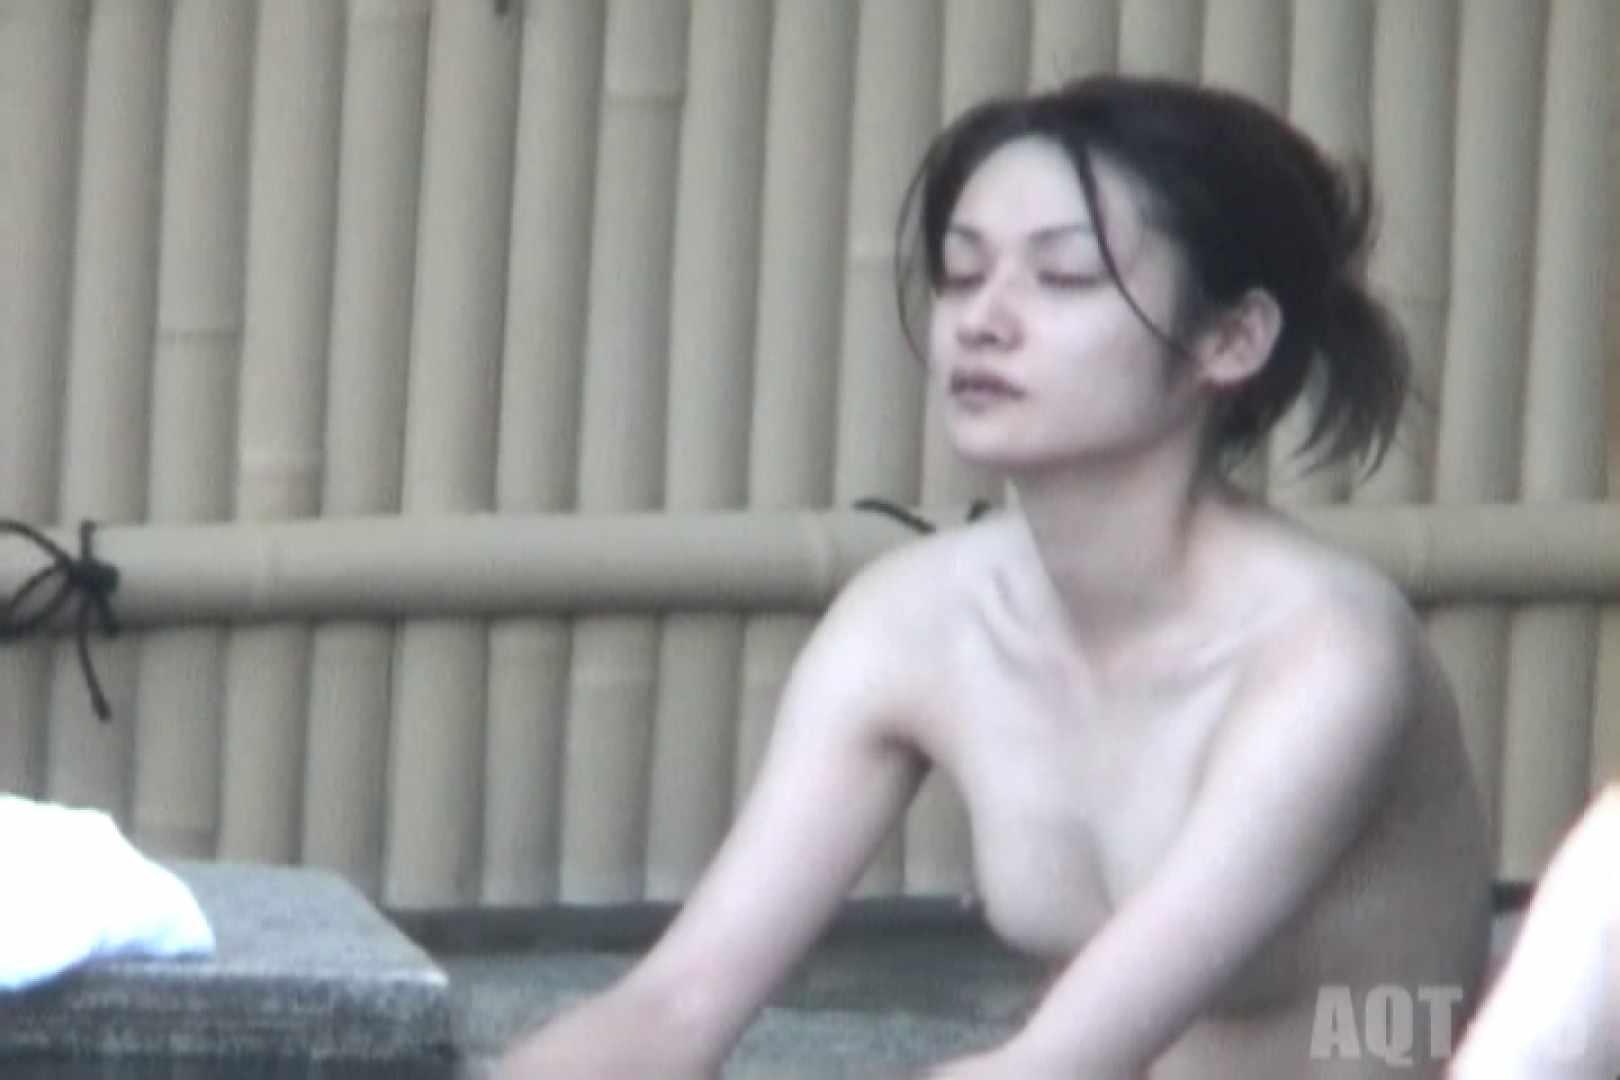 Aquaな露天風呂Vol.839 盗撮師作品 | 美しいOLの裸体  96pic 76